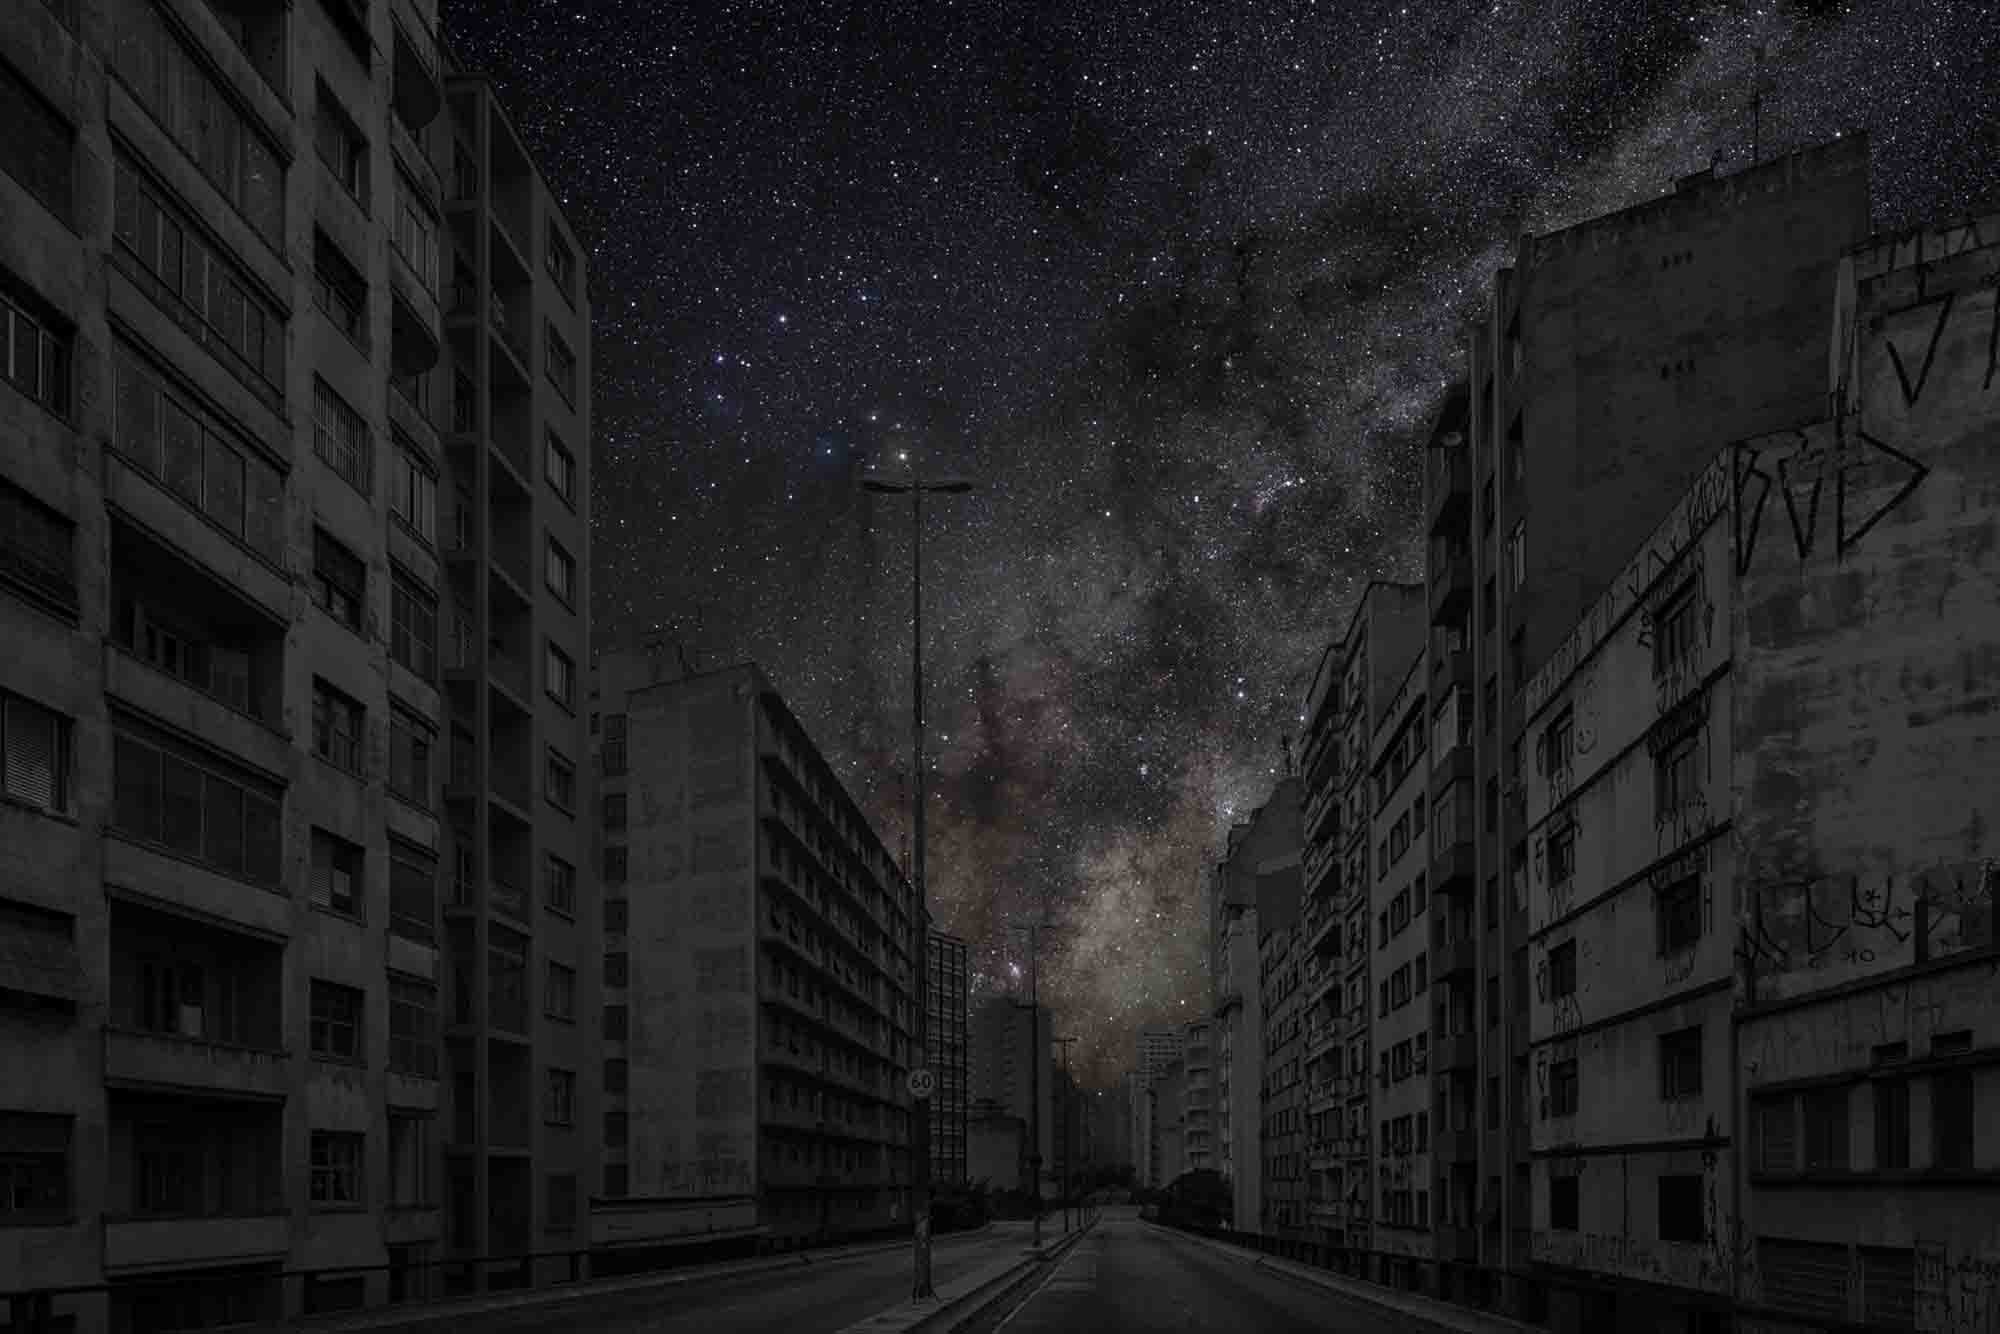 São Paulo 23° 32' 09'' S 2011-06-07 lst 11:52<br/>Darkened Cities - Villes éteintes